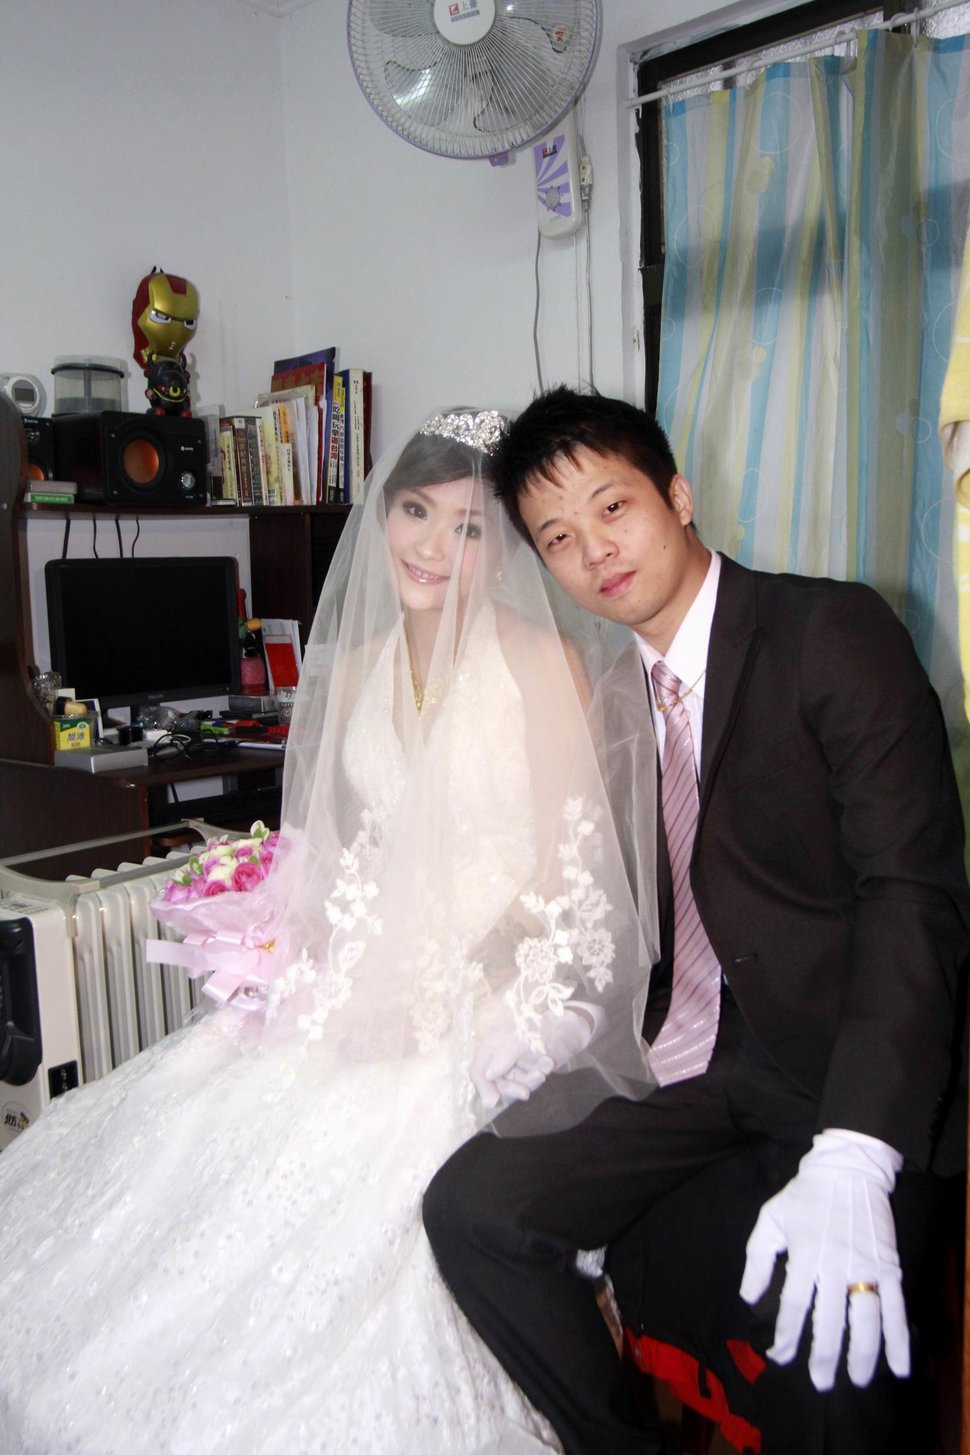 蜜月婚攝新莊美食喜相逢餐廳會館結婚迎娶儀式晚宴婚禮記錄動態微電影錄影專業錄影平面攝影婚攝婚禮主持人(編號:270510) - 蜜月拍照10800錄影12800攝影團隊 - 結婚吧